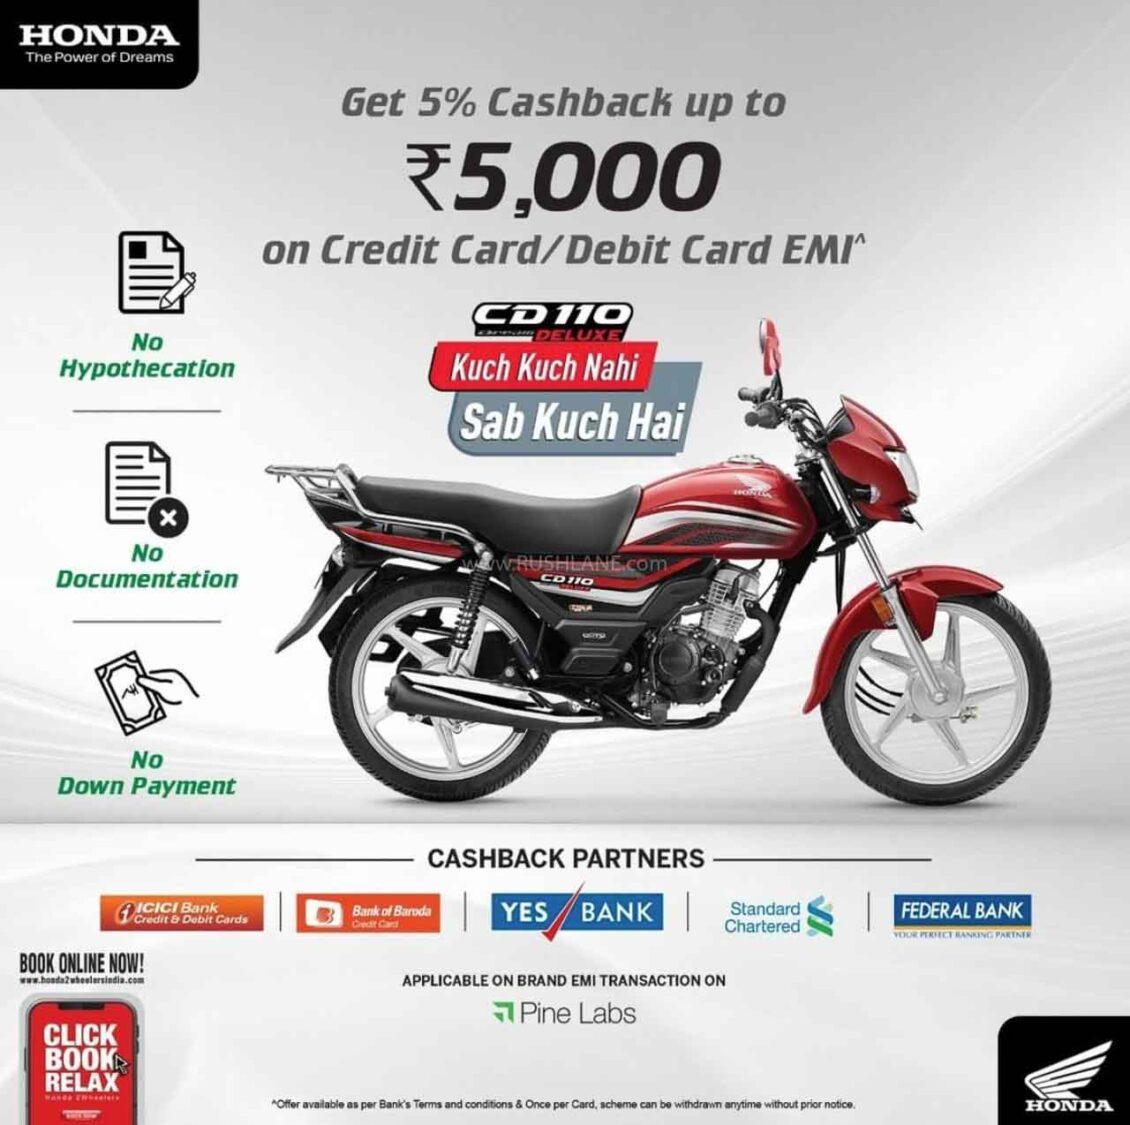 Honda CD110 Cashback Offer